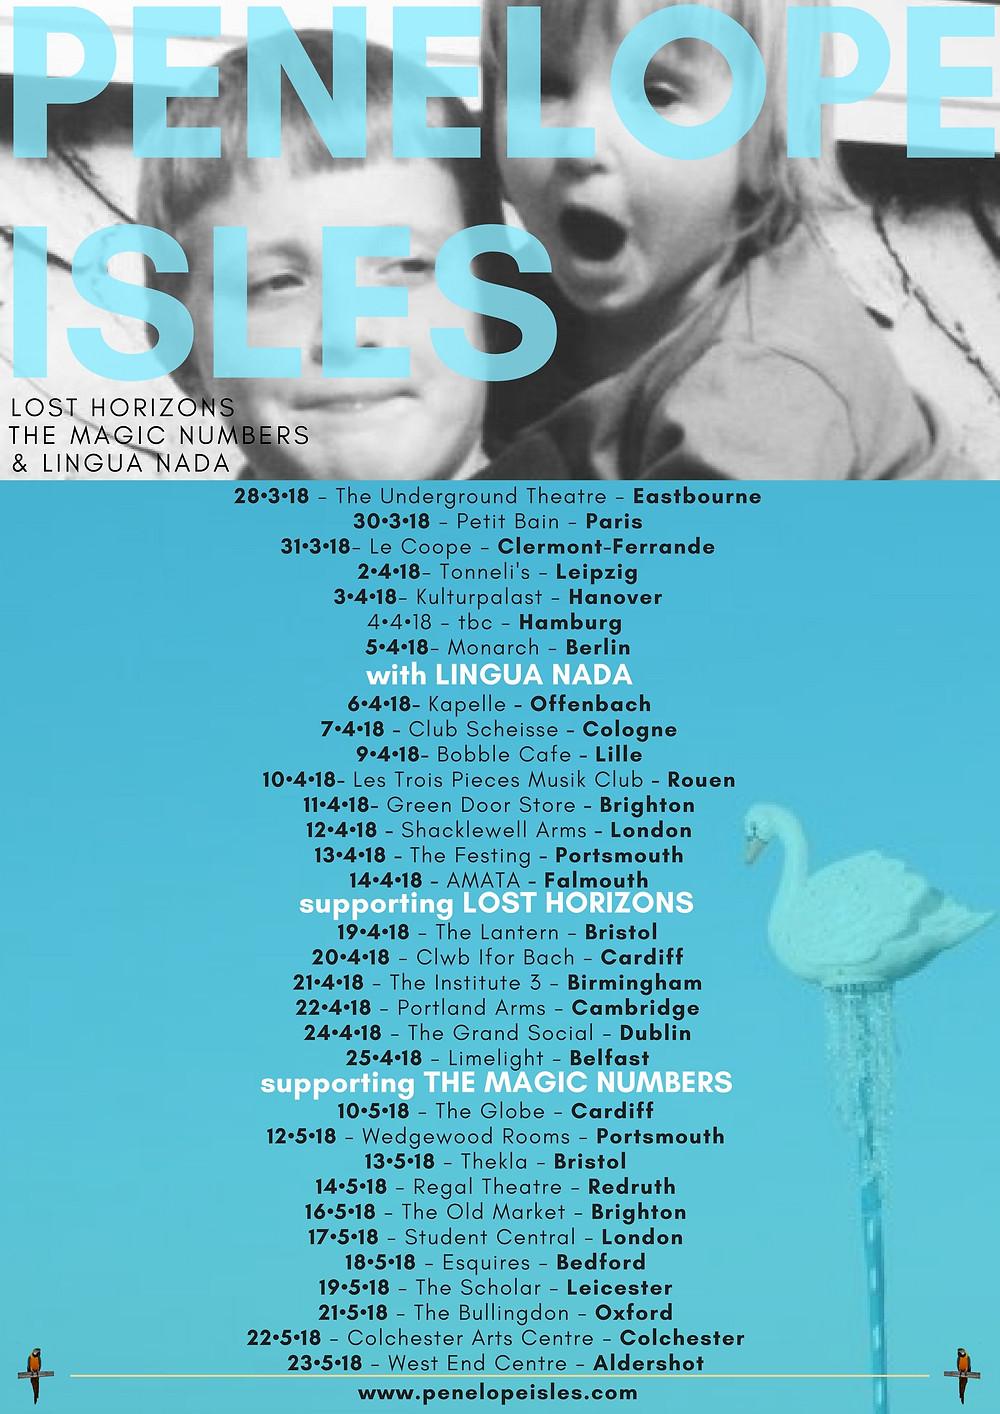 Penelope Isles Spring Tour Dates